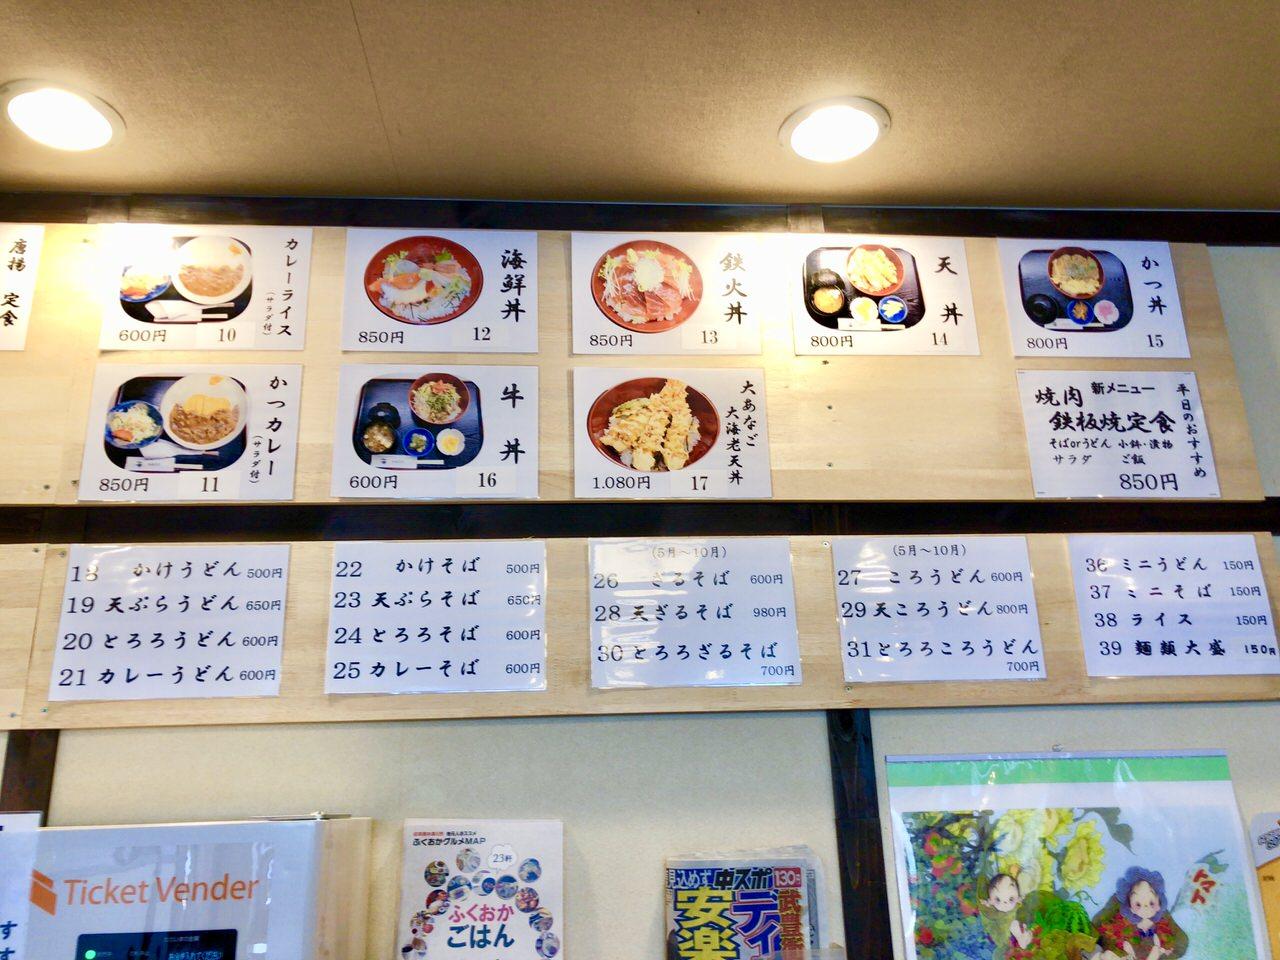 福岡の伸のメニュー表